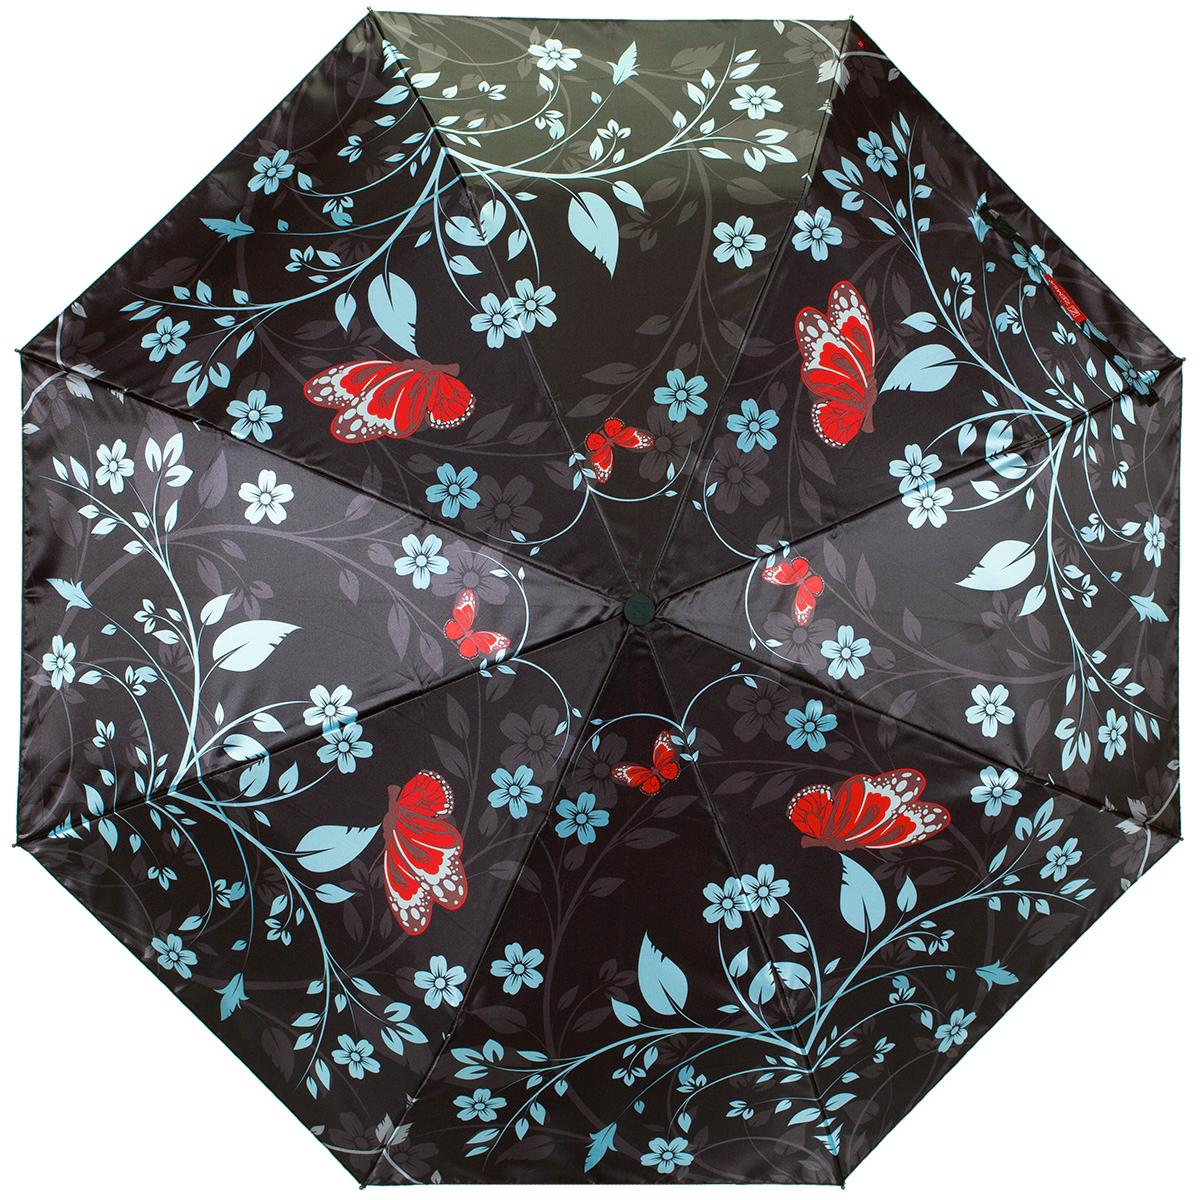 Зонт женский Zemsa Цветы и бабочки, автомат, 3 сложения. 12-006 ZM12-006 ZMСтильный автоматический зонт Zemsa Цветы и бабочки в 3 сложения станет великолепным аксессуаром и защитит свою хозяйку от непогоды, не теряя своих функциональных характеристик и визуальной привлекательности в течение всего срока эксплуатации. Каркас зонта, выполненный из стали, состоит из восьми спиц и оснащен удобной рукояткой. Зонт имеет полный автоматический механизм сложения: купол открывается и закрывается нажатием кнопки на рукоятке, стержень складывается вручную до характерного щелчка, благодаря чему открыть и закрыть зонт можно одной рукой, что чрезвычайно удобно при входе в транспорт или помещение. Купол зонта выполнен из сатина и оформлен изображением цветов и бабочек. На рукоятке для удобства есть небольшой шнурок, позволяющий надеть зонт на руку тогда, когда это будет необходимо. К зонту прилагается чехол.